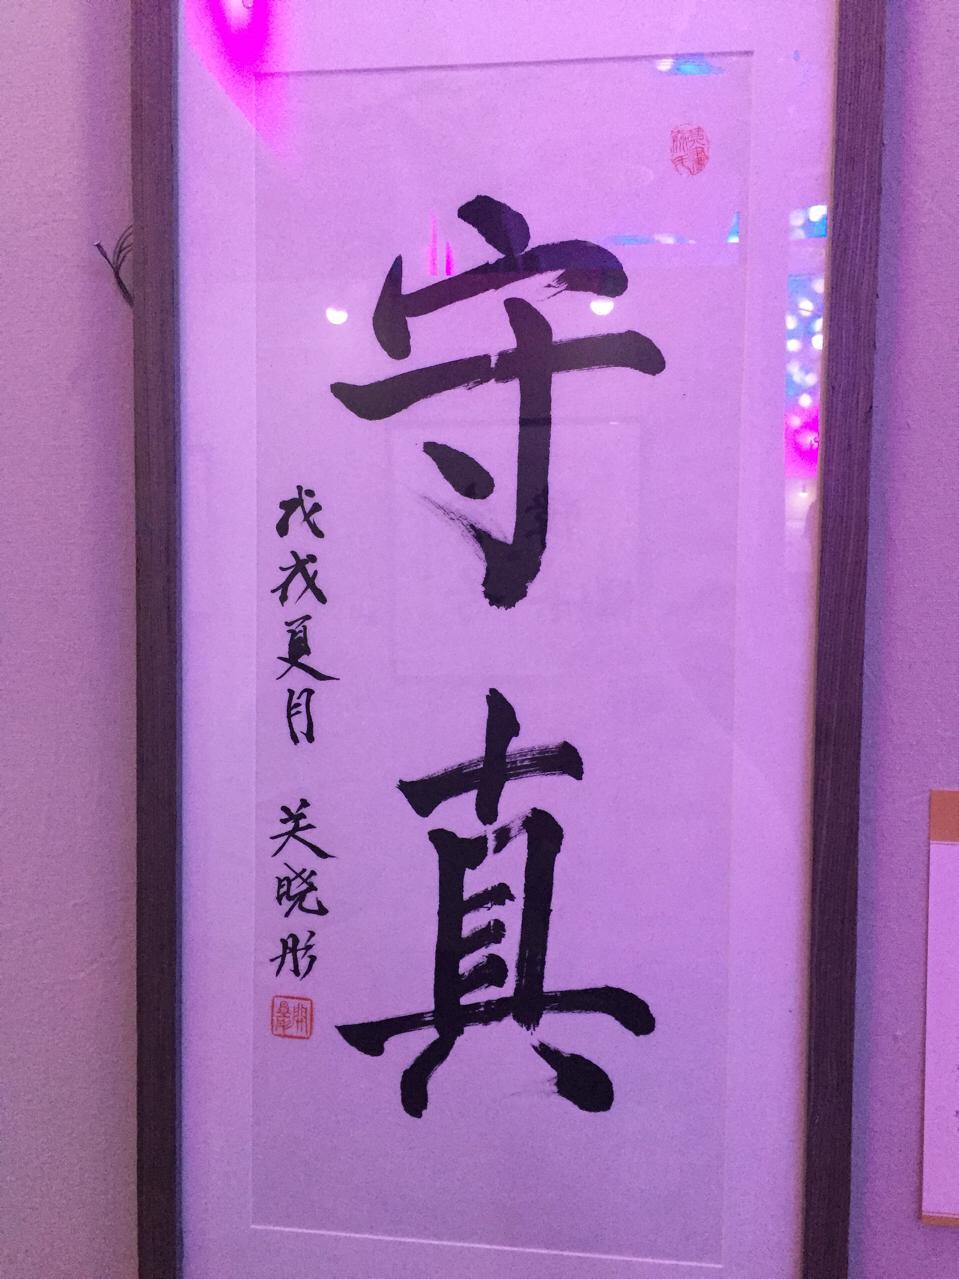 8岁王诗龄书画作品获大师赞 关晓彤刘晓庆秀书法